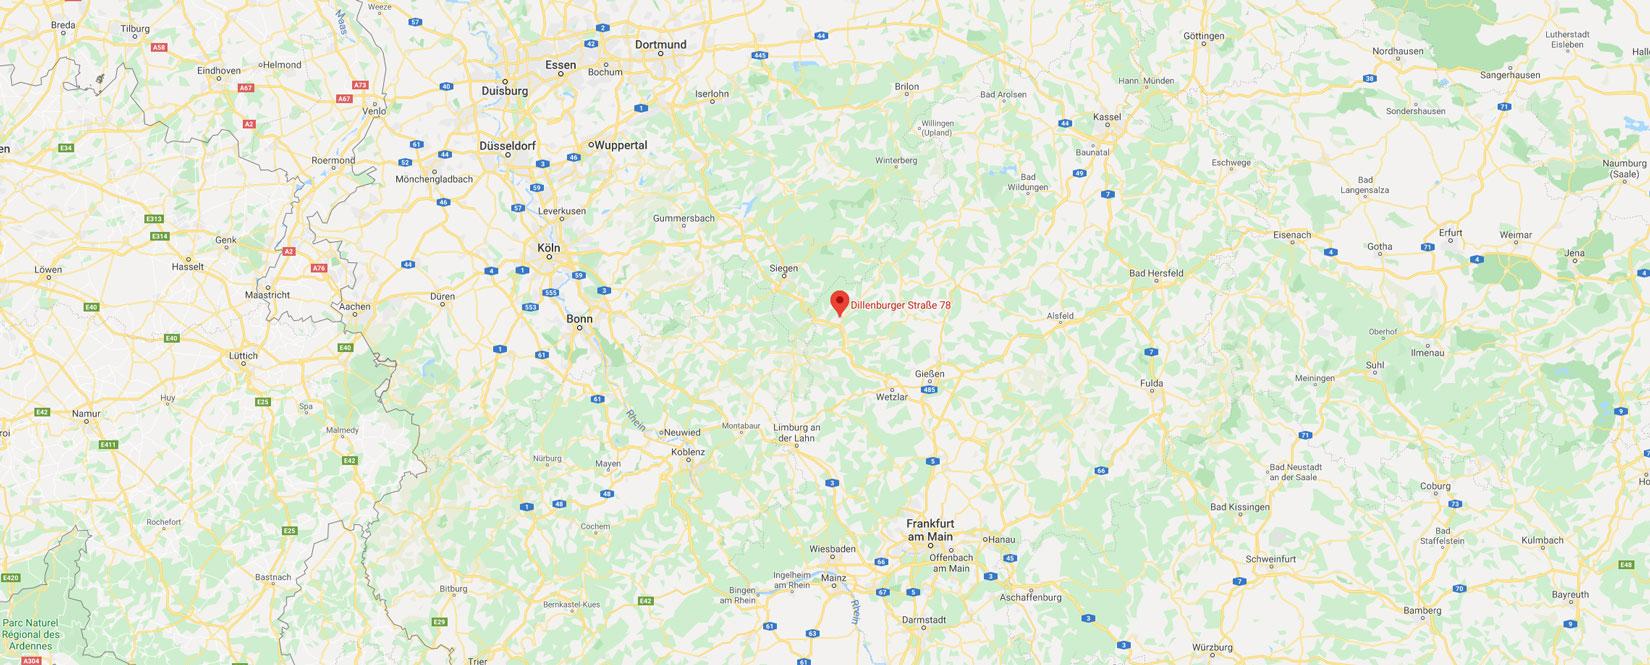 Karte mit Pin auf Dillenburg